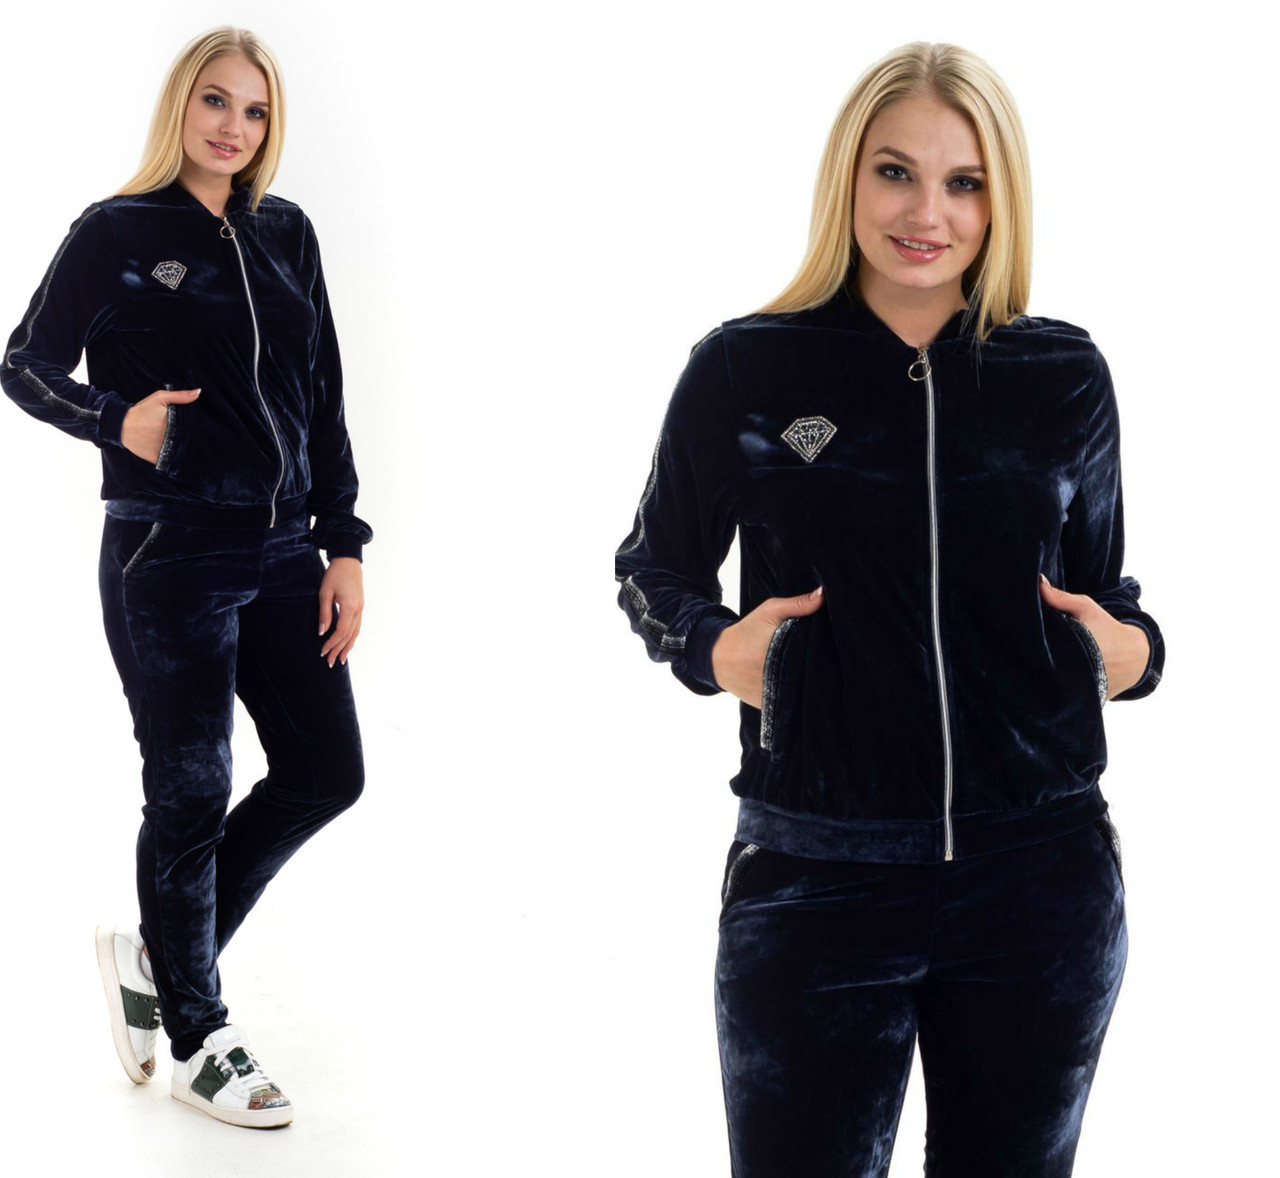 Спортивные костюмы женские интернет магазин